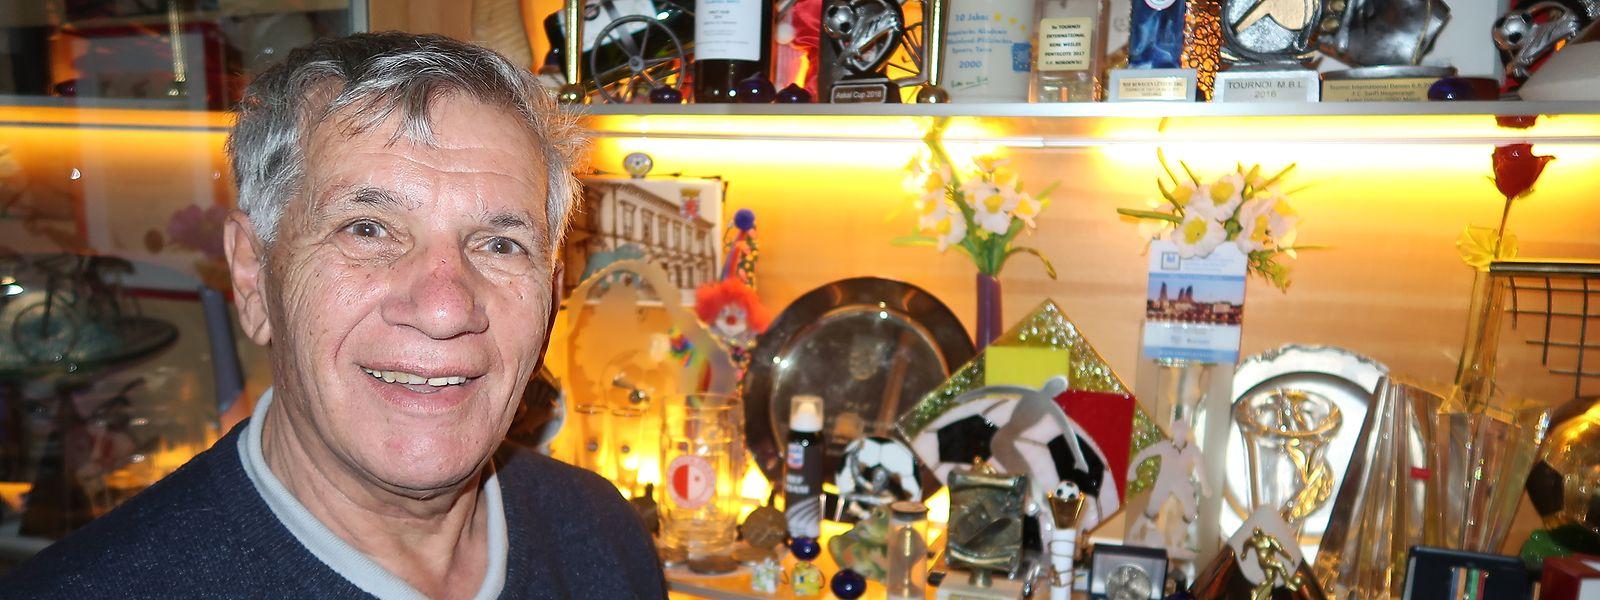 In 34 Jahren hat Schiedsrichter Änder Urbing zahlreiche  Auszeichnungen, Trophäen, Urkunden, Erinnerungsfotos und Diplome gesammelt.